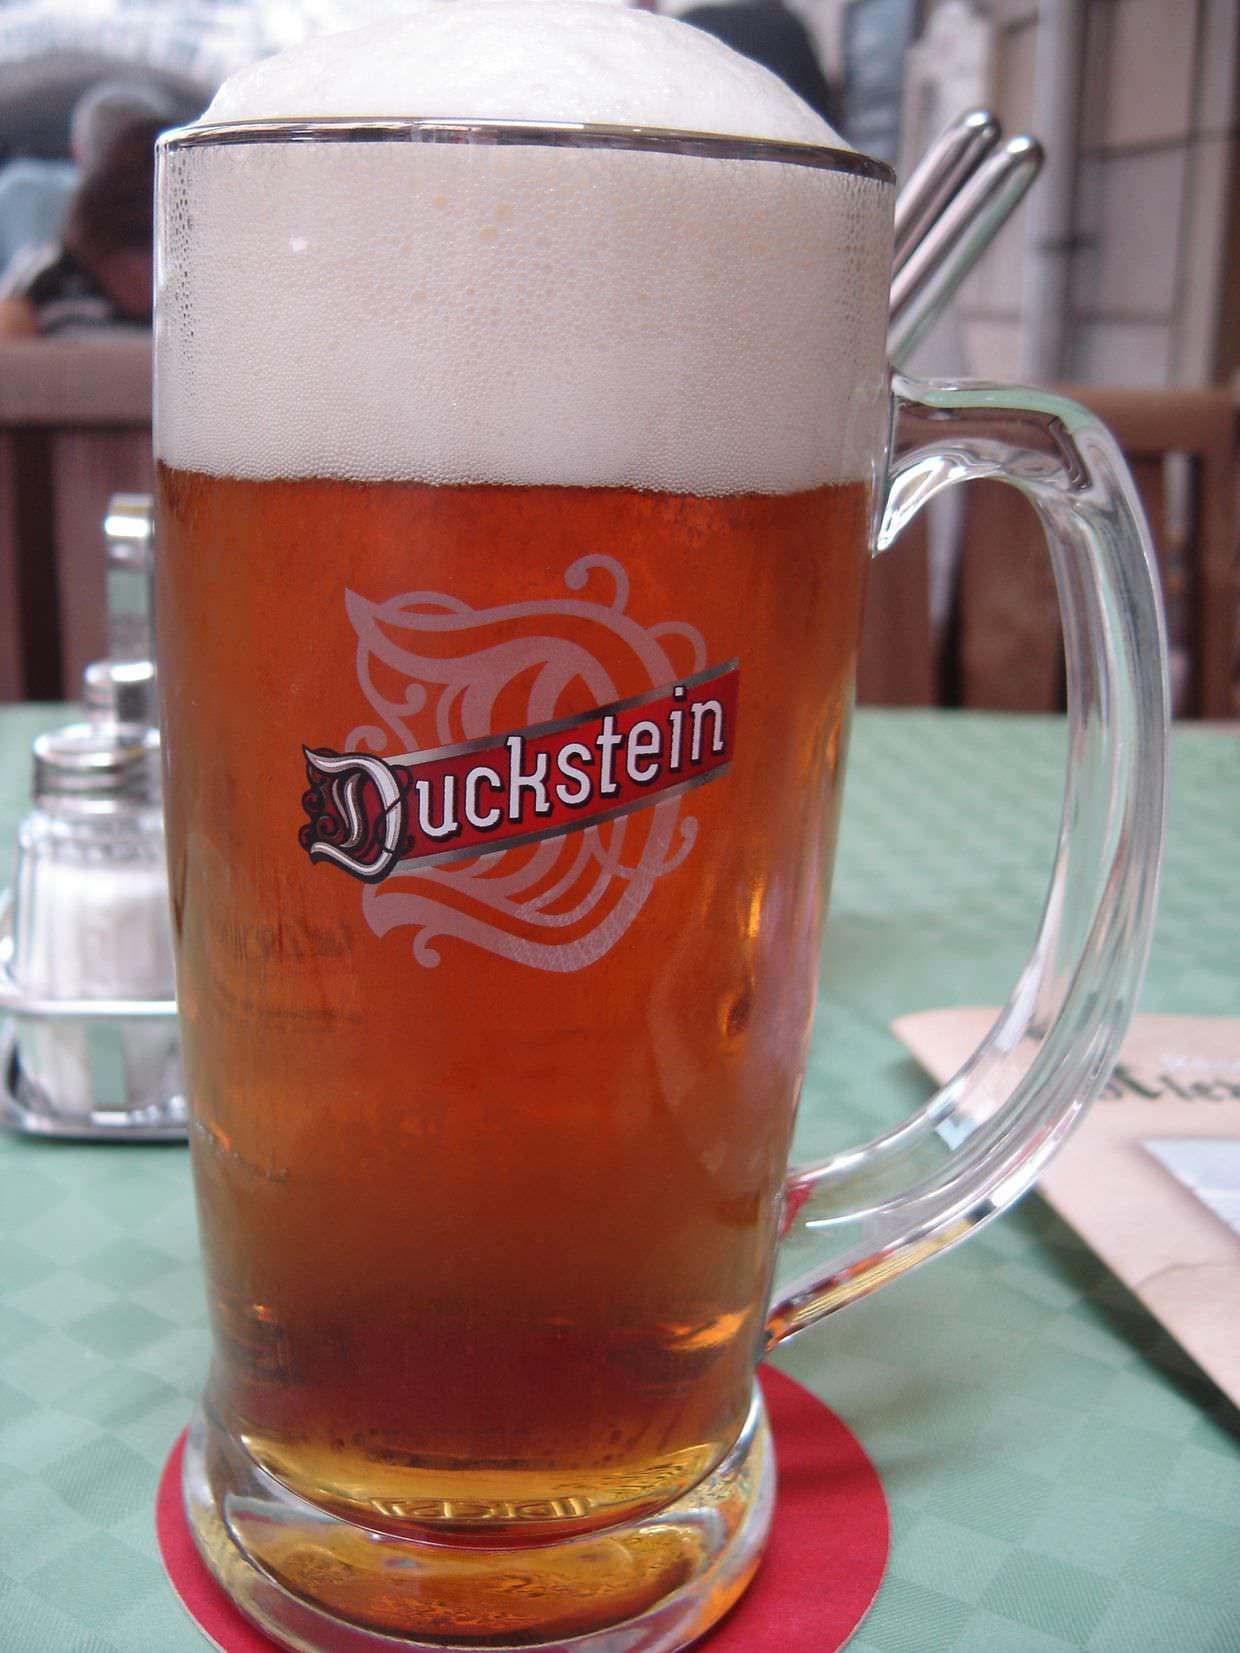 Duckstein lager